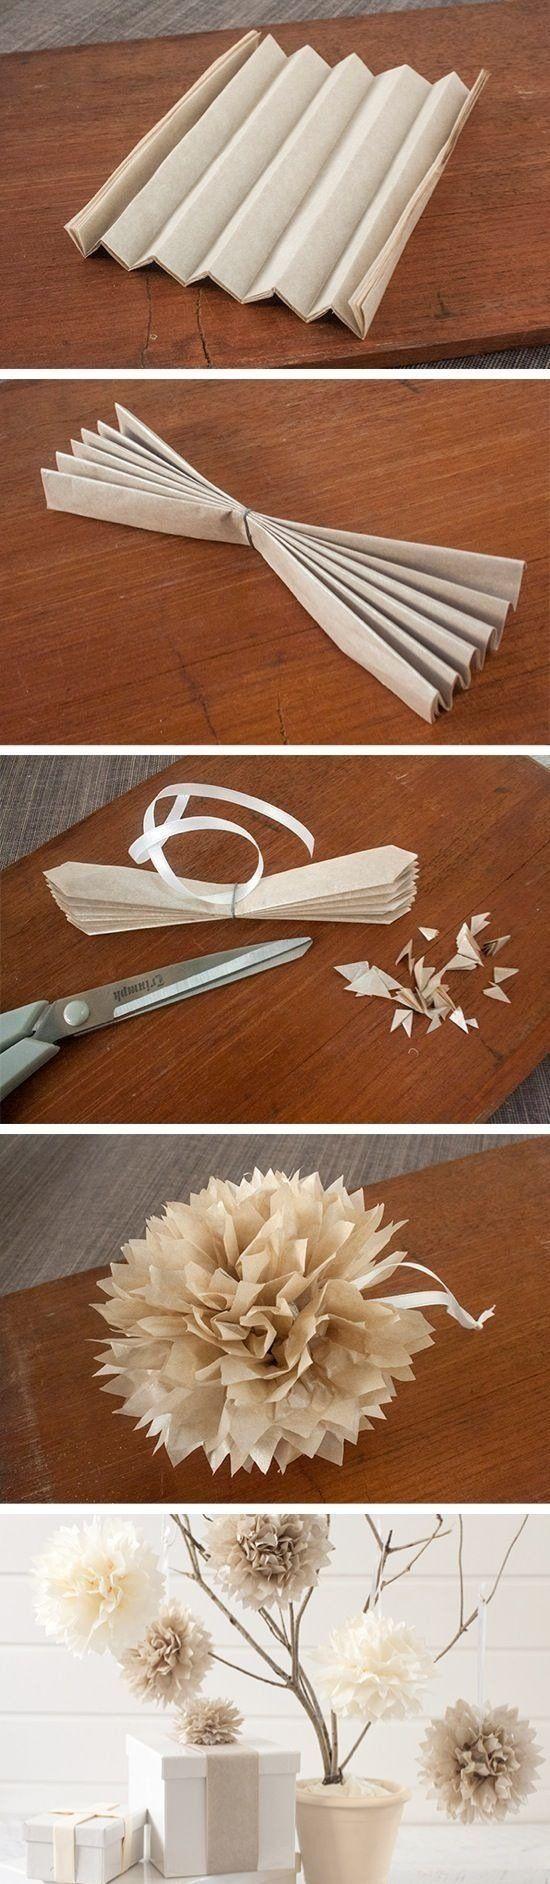 Ismét egy nagyon egyszerű, de ötletes pompom dekoráció. Minél több réteget hajtasz össze, annál tömörebb pompomod lesz. Lehet fehér vagy színes.